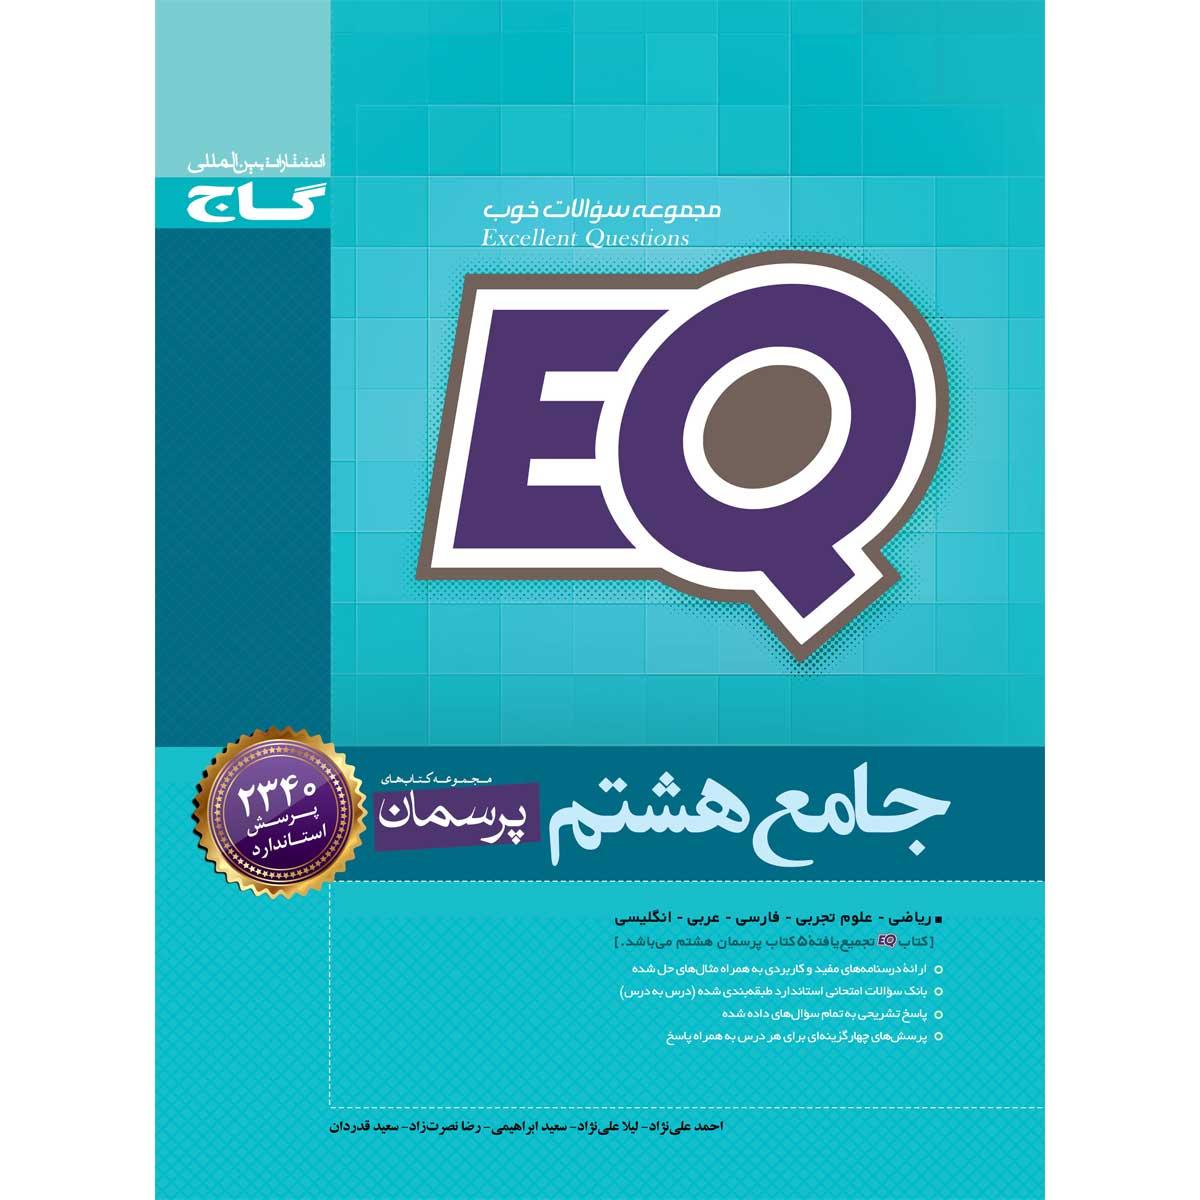 کتاب جامع هشتم سری EQ انتشارات بین المللی گاج